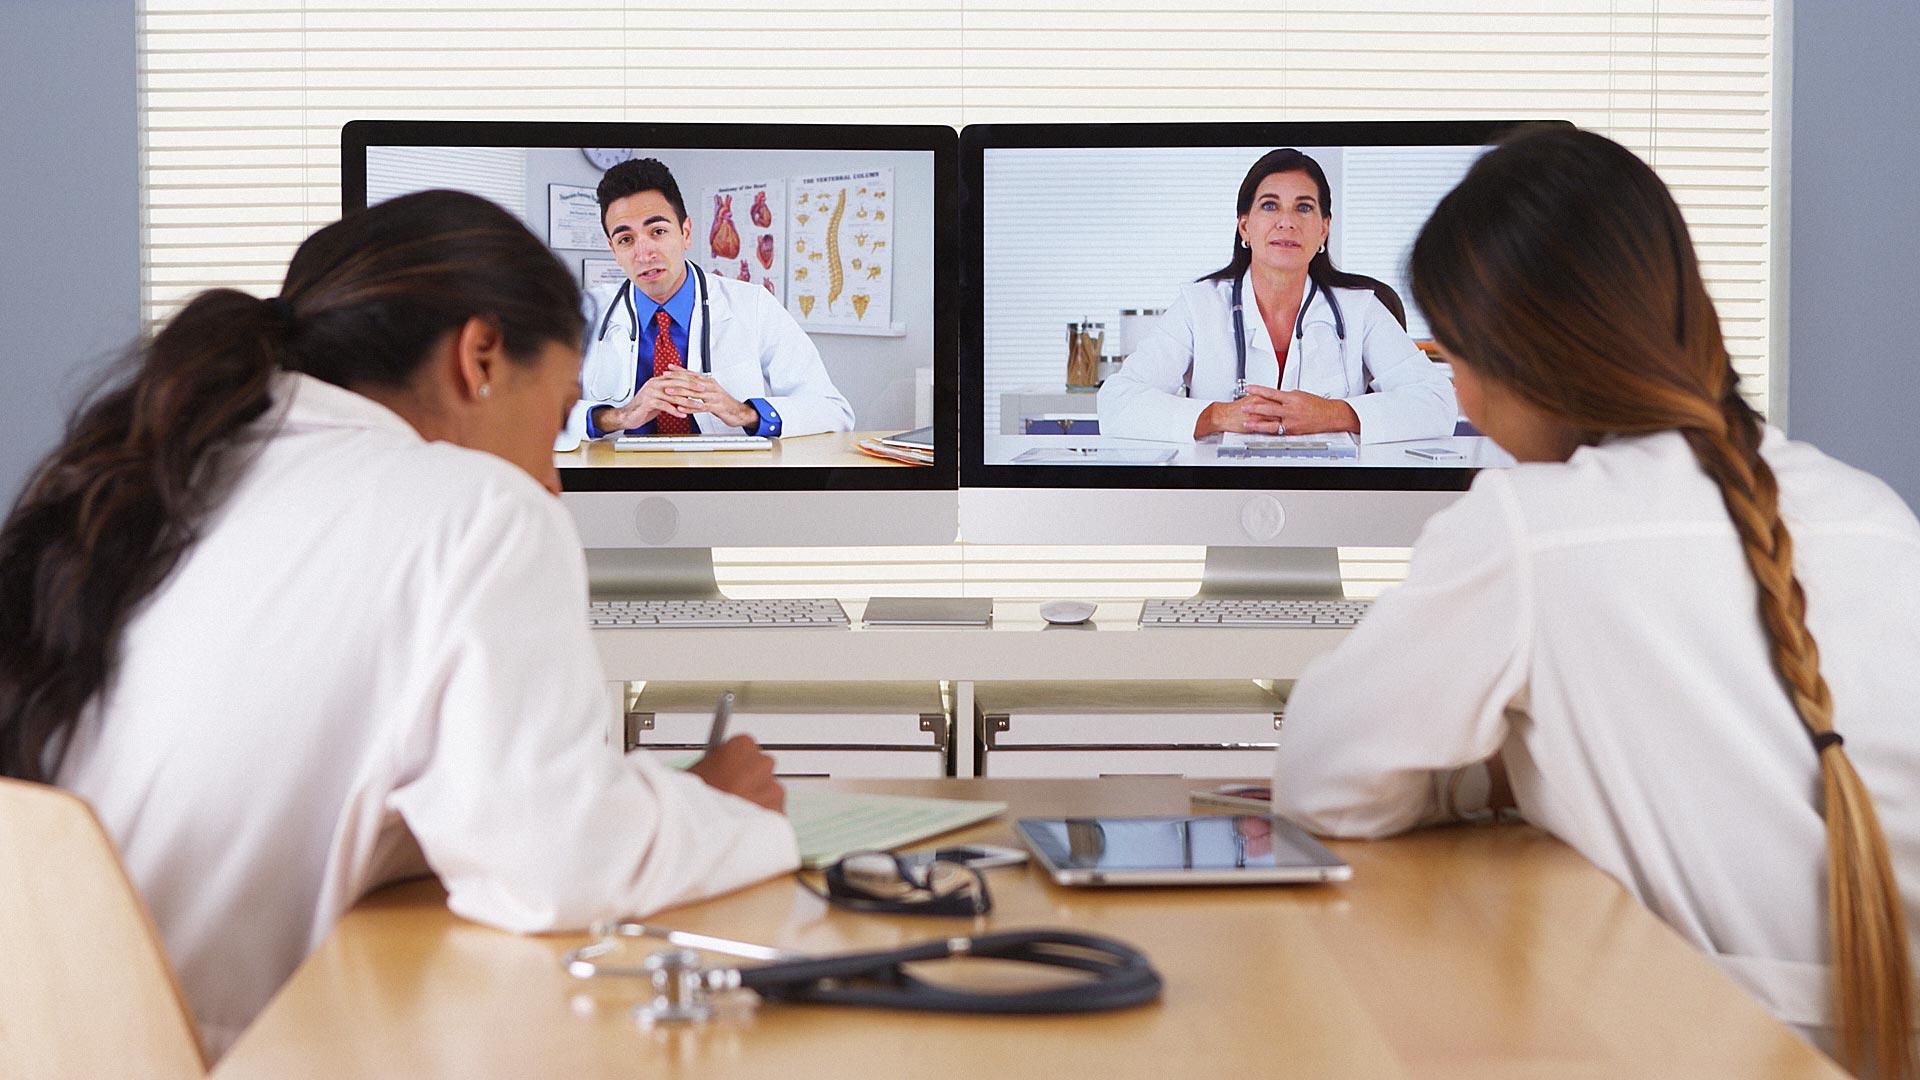 В Узбекистане планируют запустить систему телемедицины